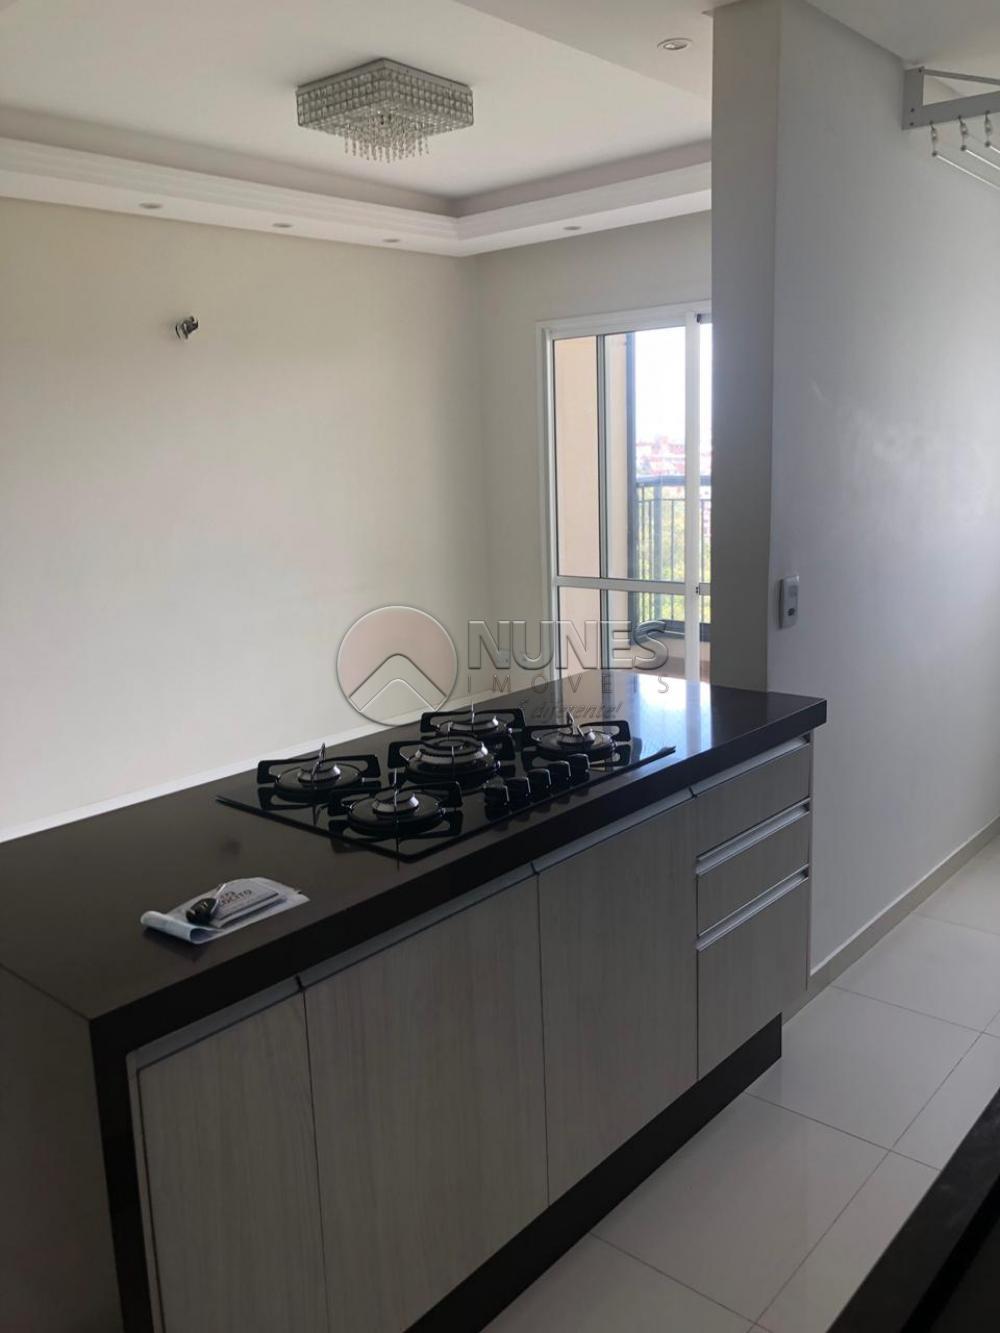 Comprar Apartamento / Padrão em Barueri apenas R$ 520.000,00 - Foto 7